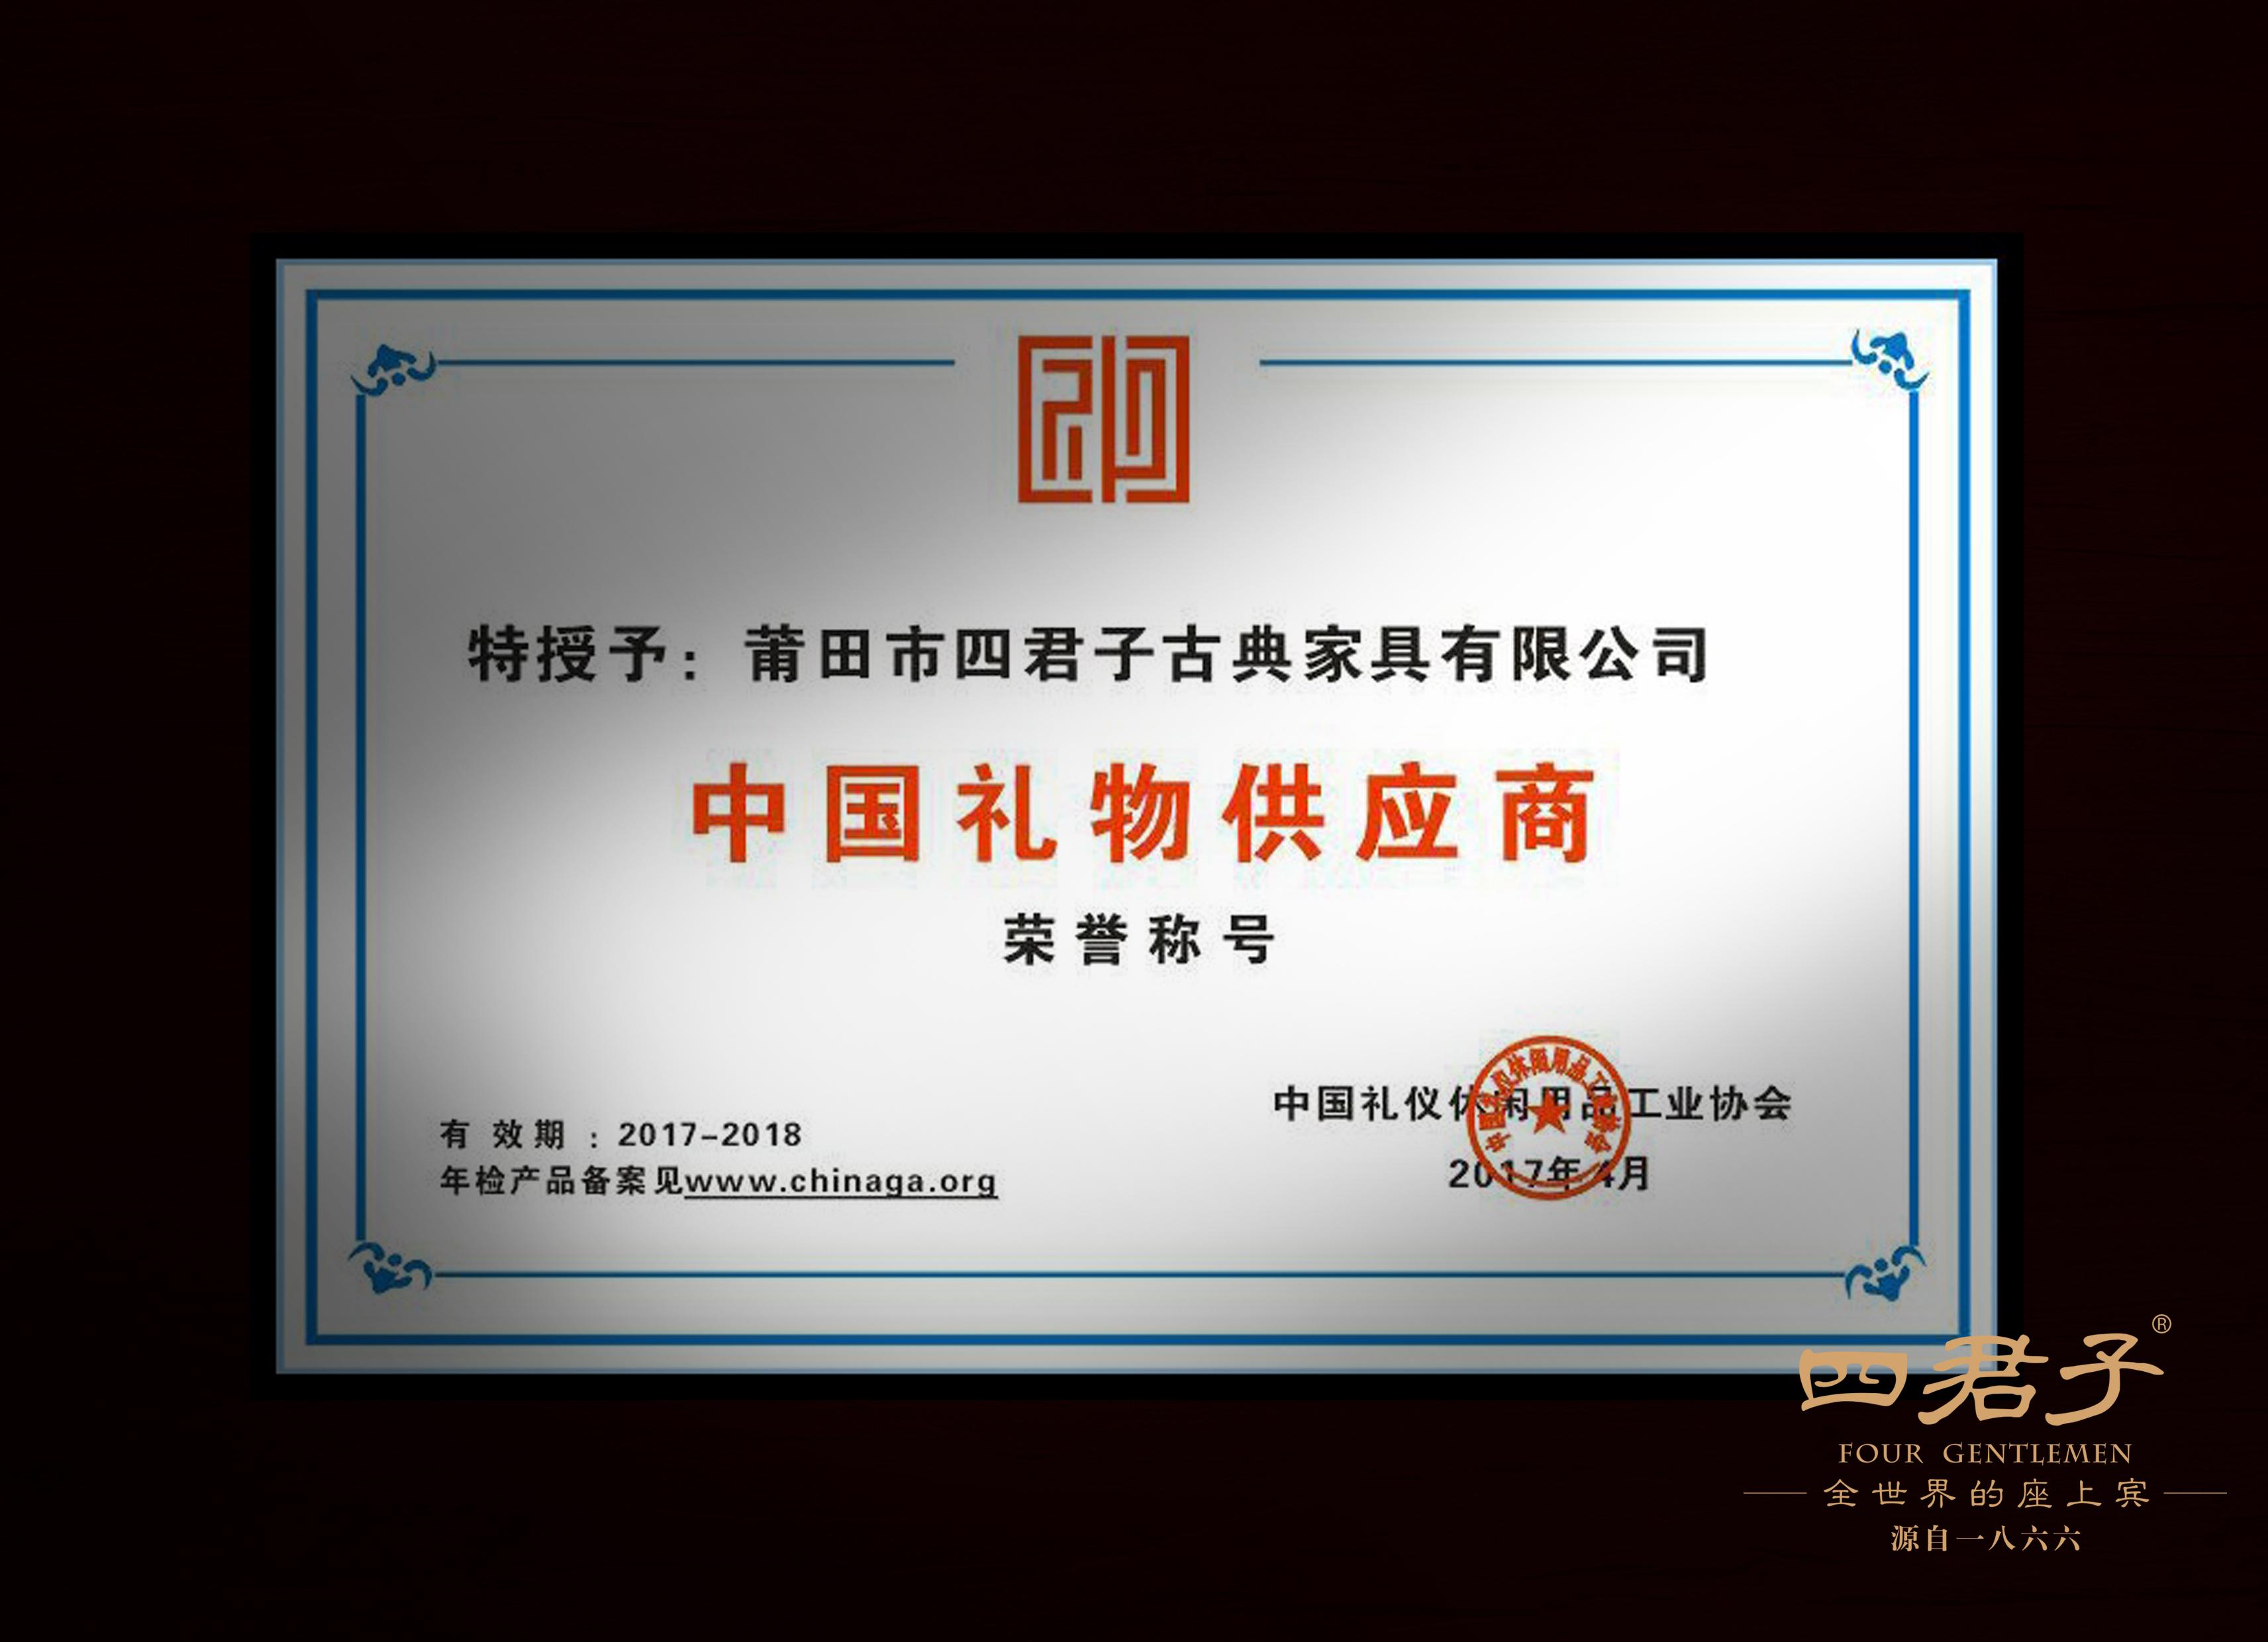 中国礼物供应商 (2)_副本.jpg